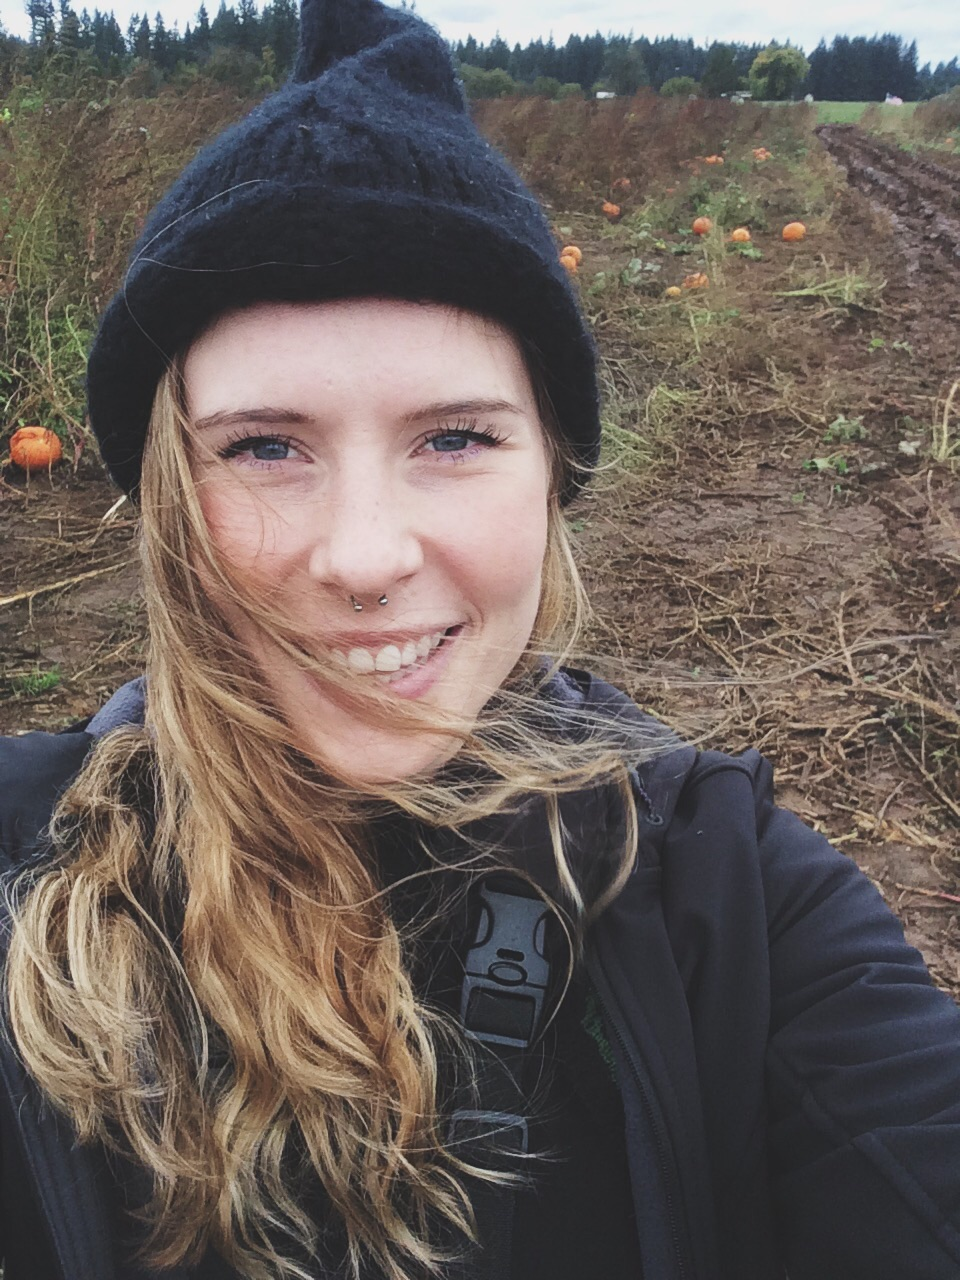 Pumpkin patch selfie